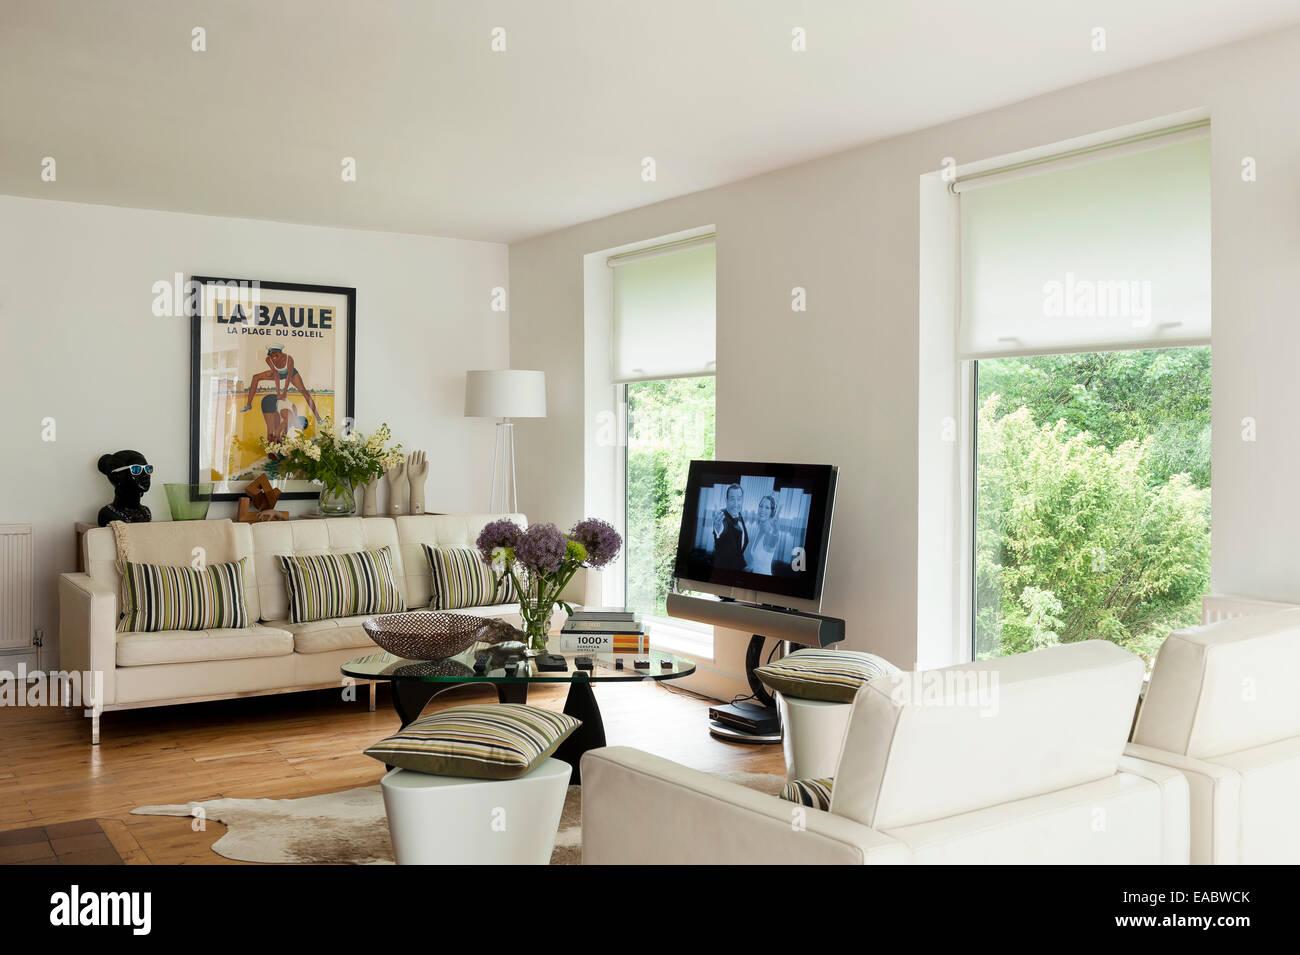 Gro en wei en kn pfen sofa mit gestreiften kissen im wohnzimmer mit gerahmten vintage poster - Poster wohnzimmer ...